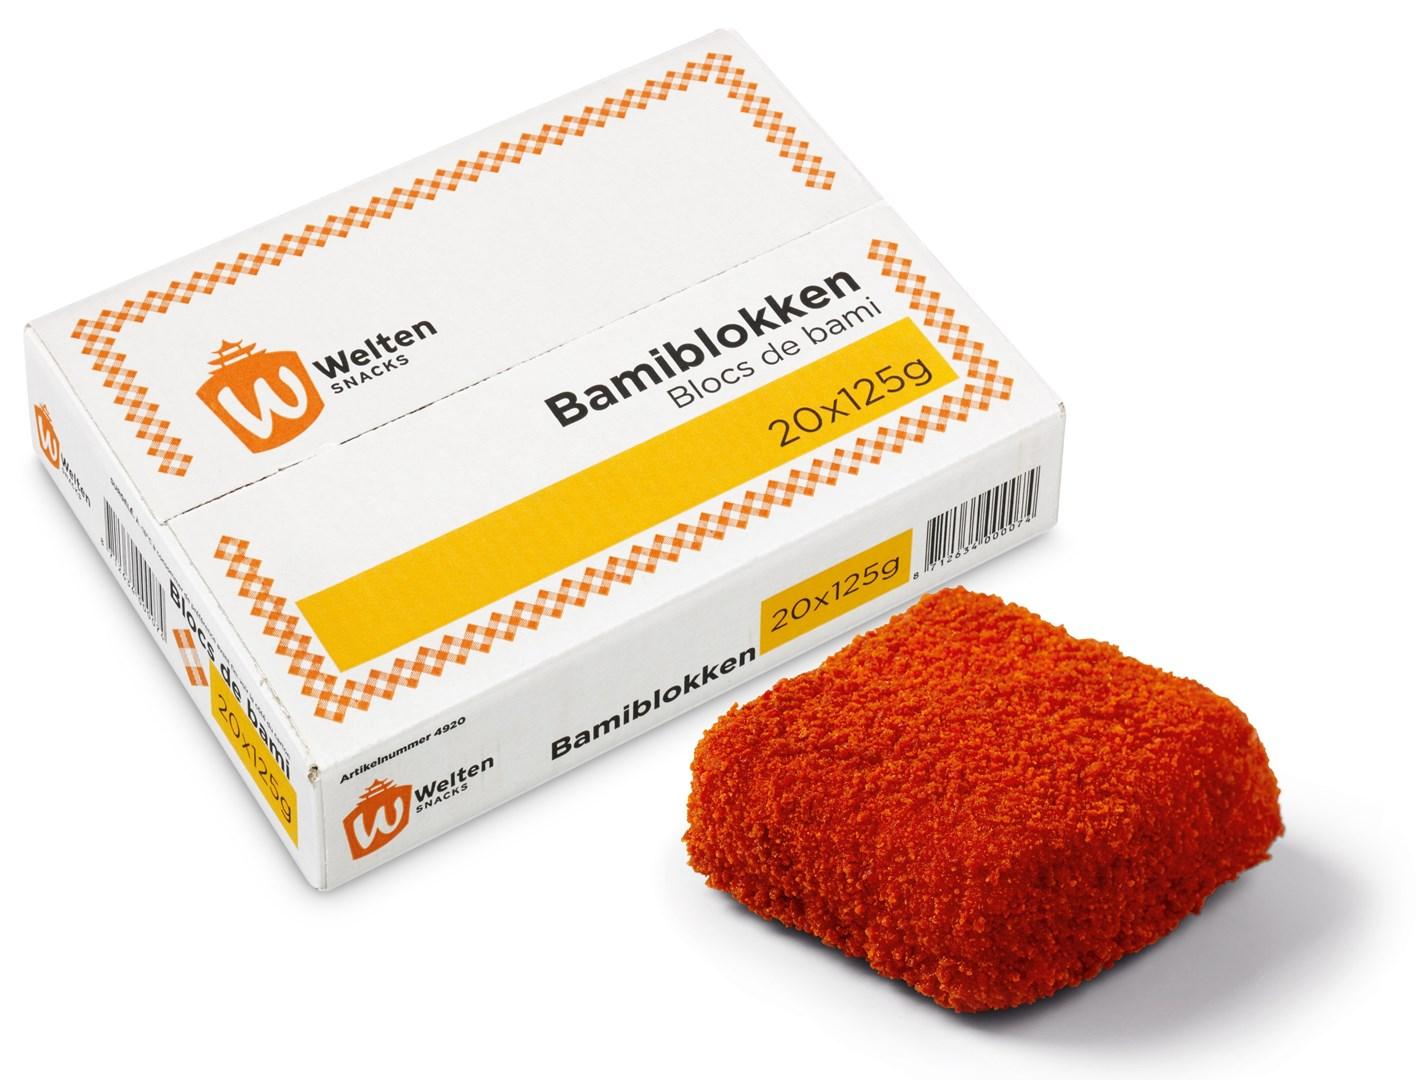 Productafbeelding Welten Snacks Bami Blokken 20 x 125 gram